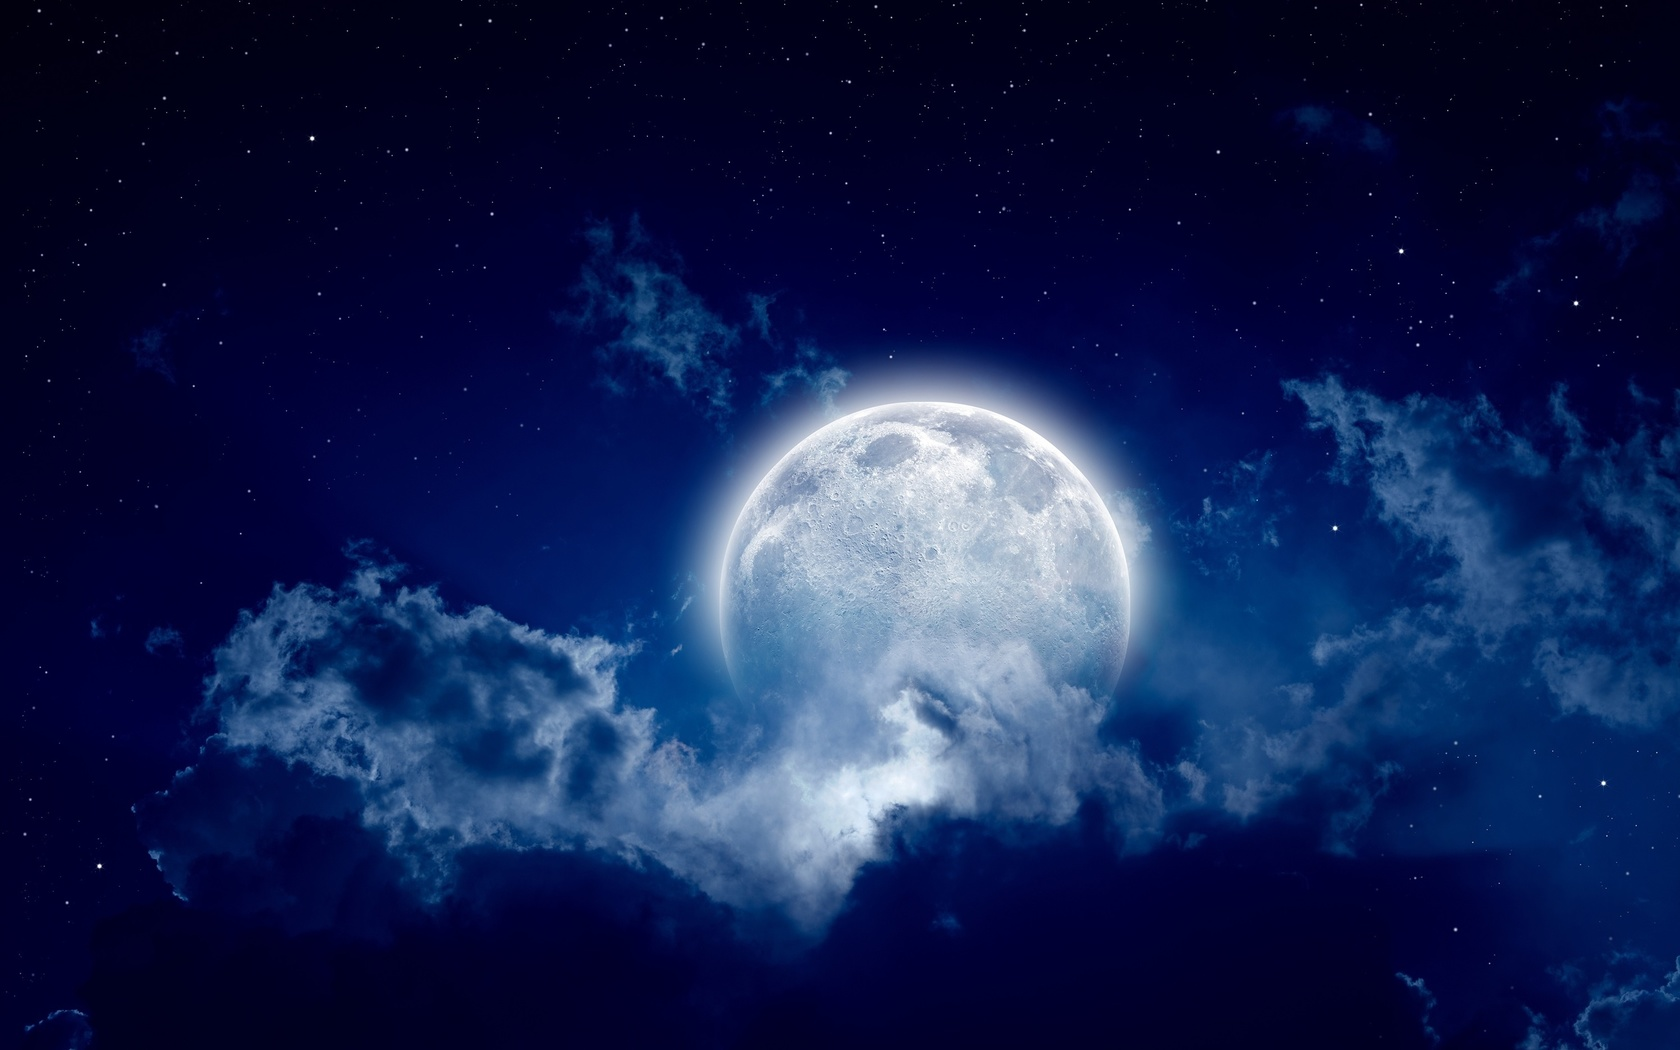 красота, природа, пейзаж, ночь, ночной, луна, планета, свет, звёзды, звезда, небо, небесный, темнота, тёмный, мрак, мрачный